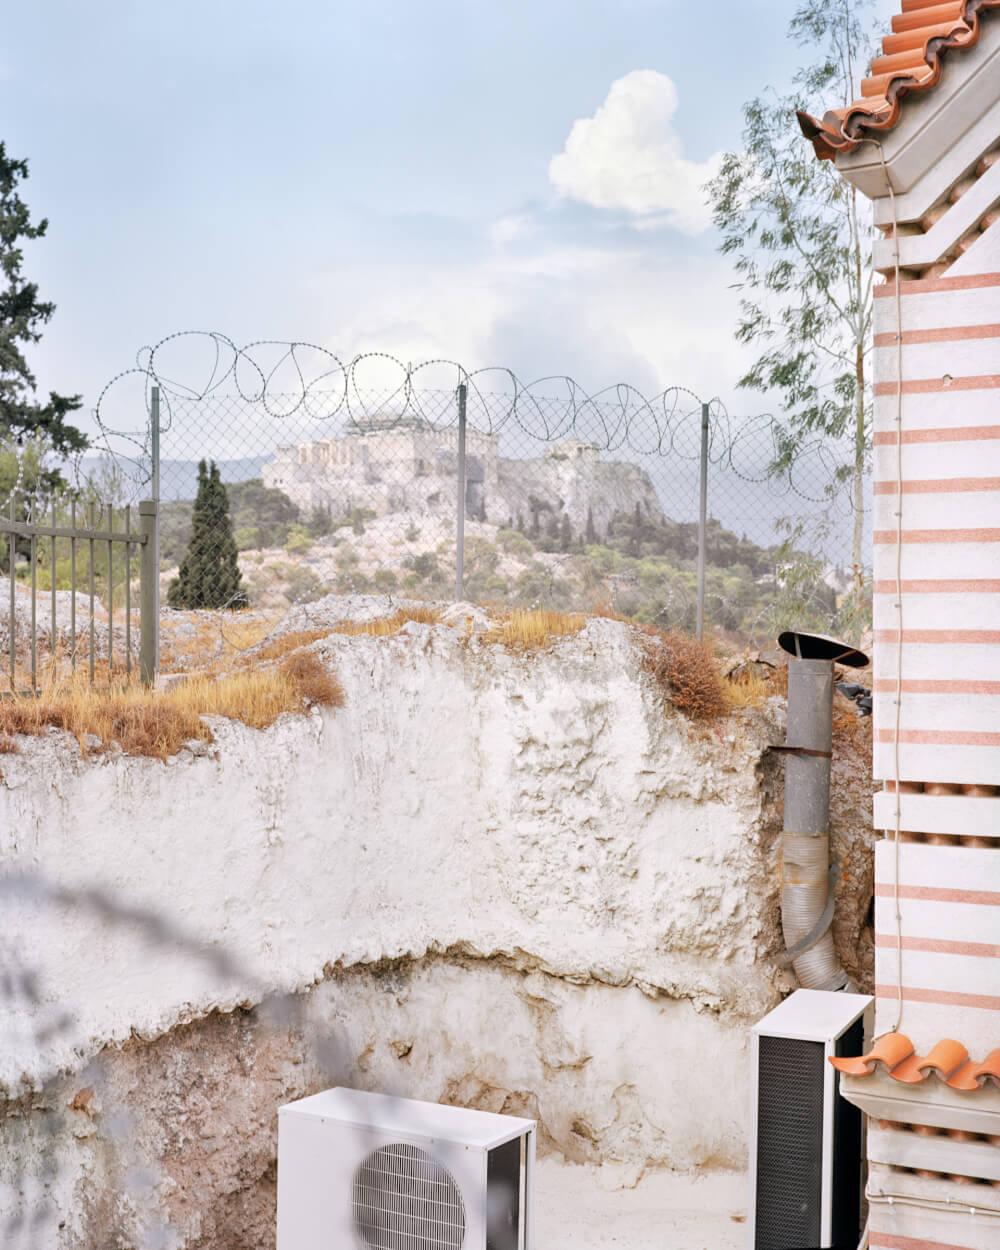 Ways of Escape - Antonis Theodoridis - Phases Magazine